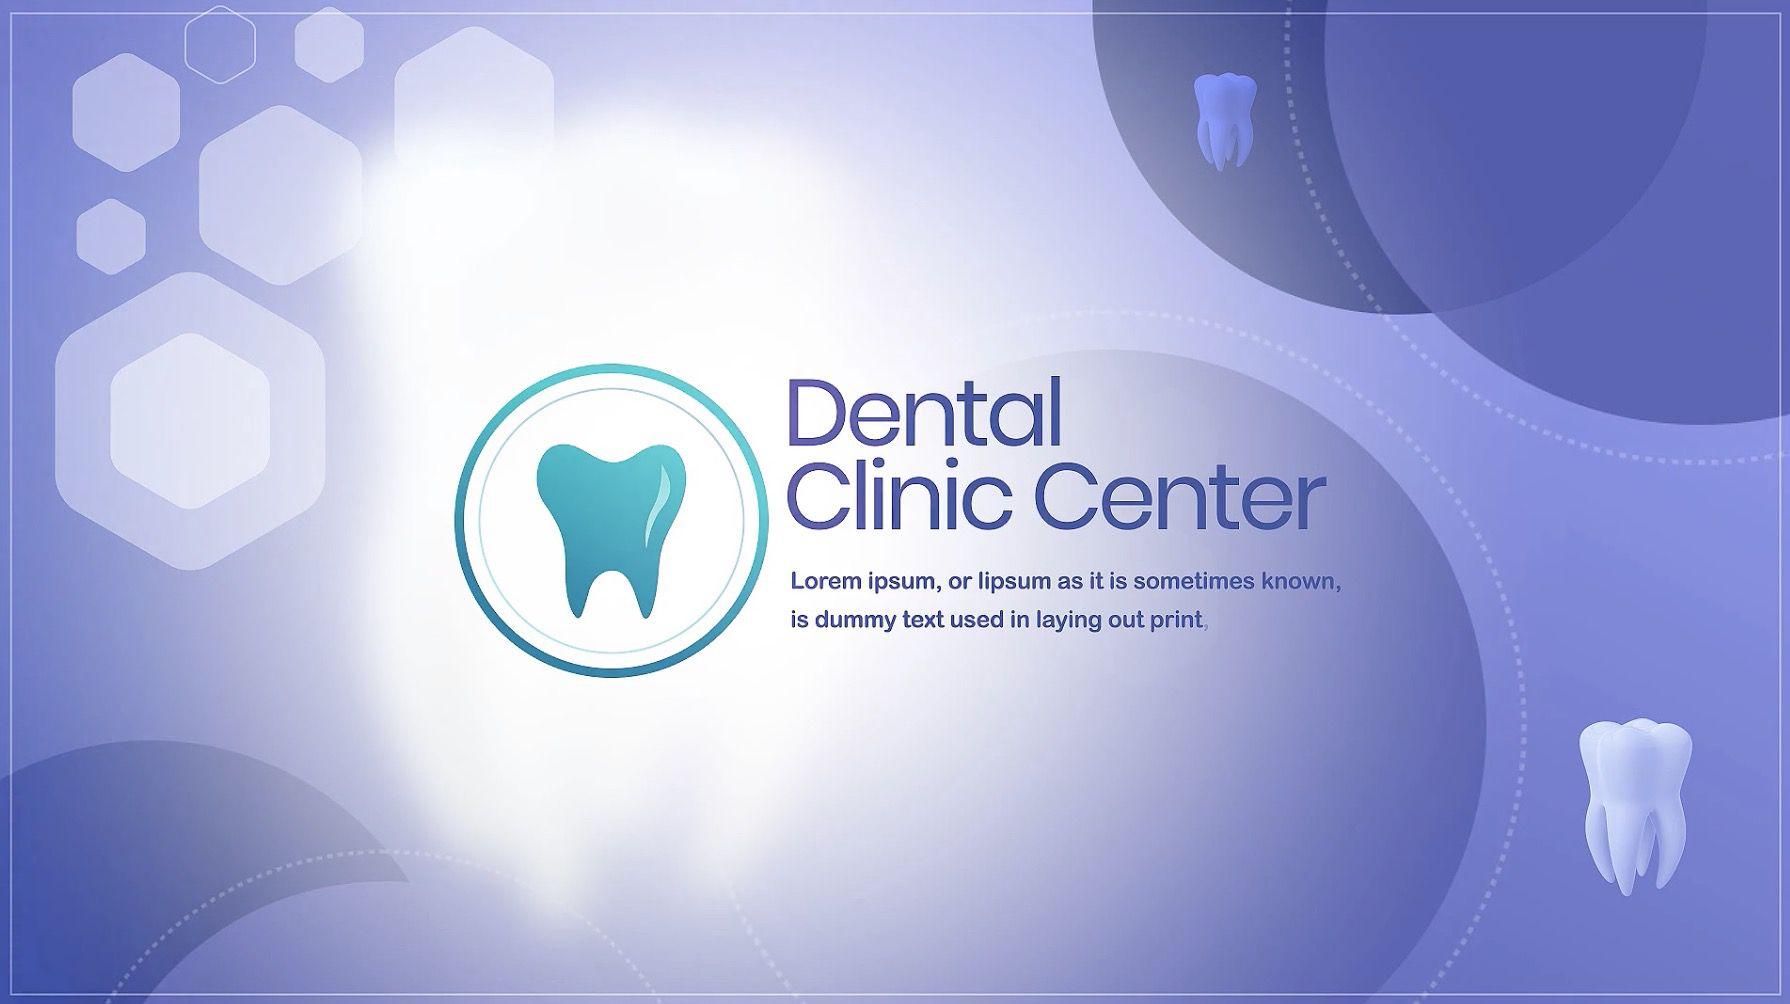 牙科诊所中心幻灯片展示